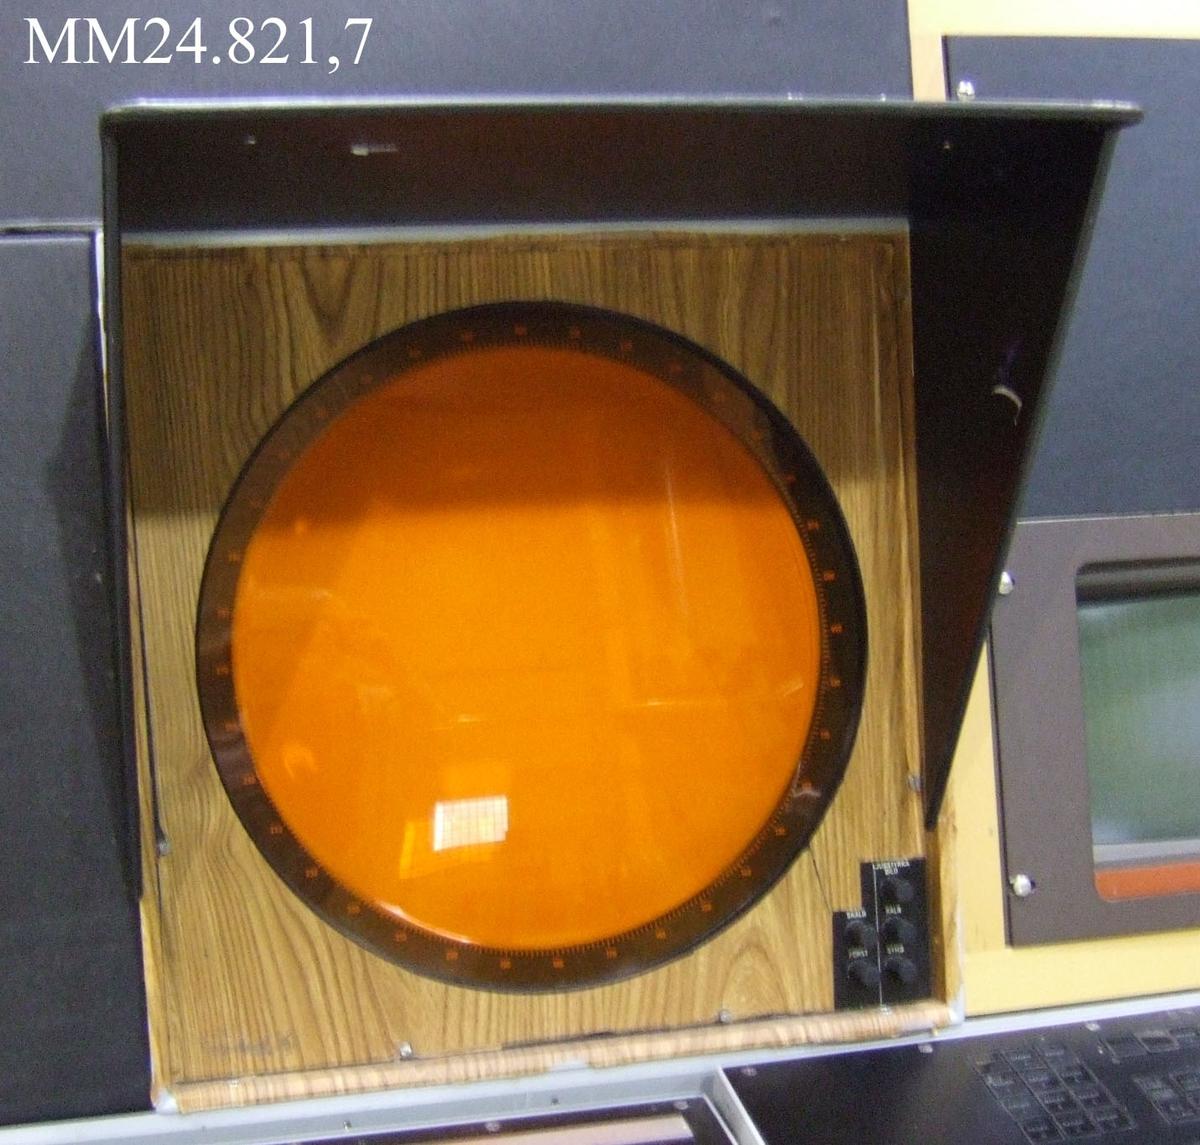 Fyrkantigt svart med rund orange skärm i mitten. Nere till höger skruvknappar för att justera bild med mera. På djupet är planpolärindikatorn grå och längst bak sitter ett flertal uttag för sladdar och kablar.